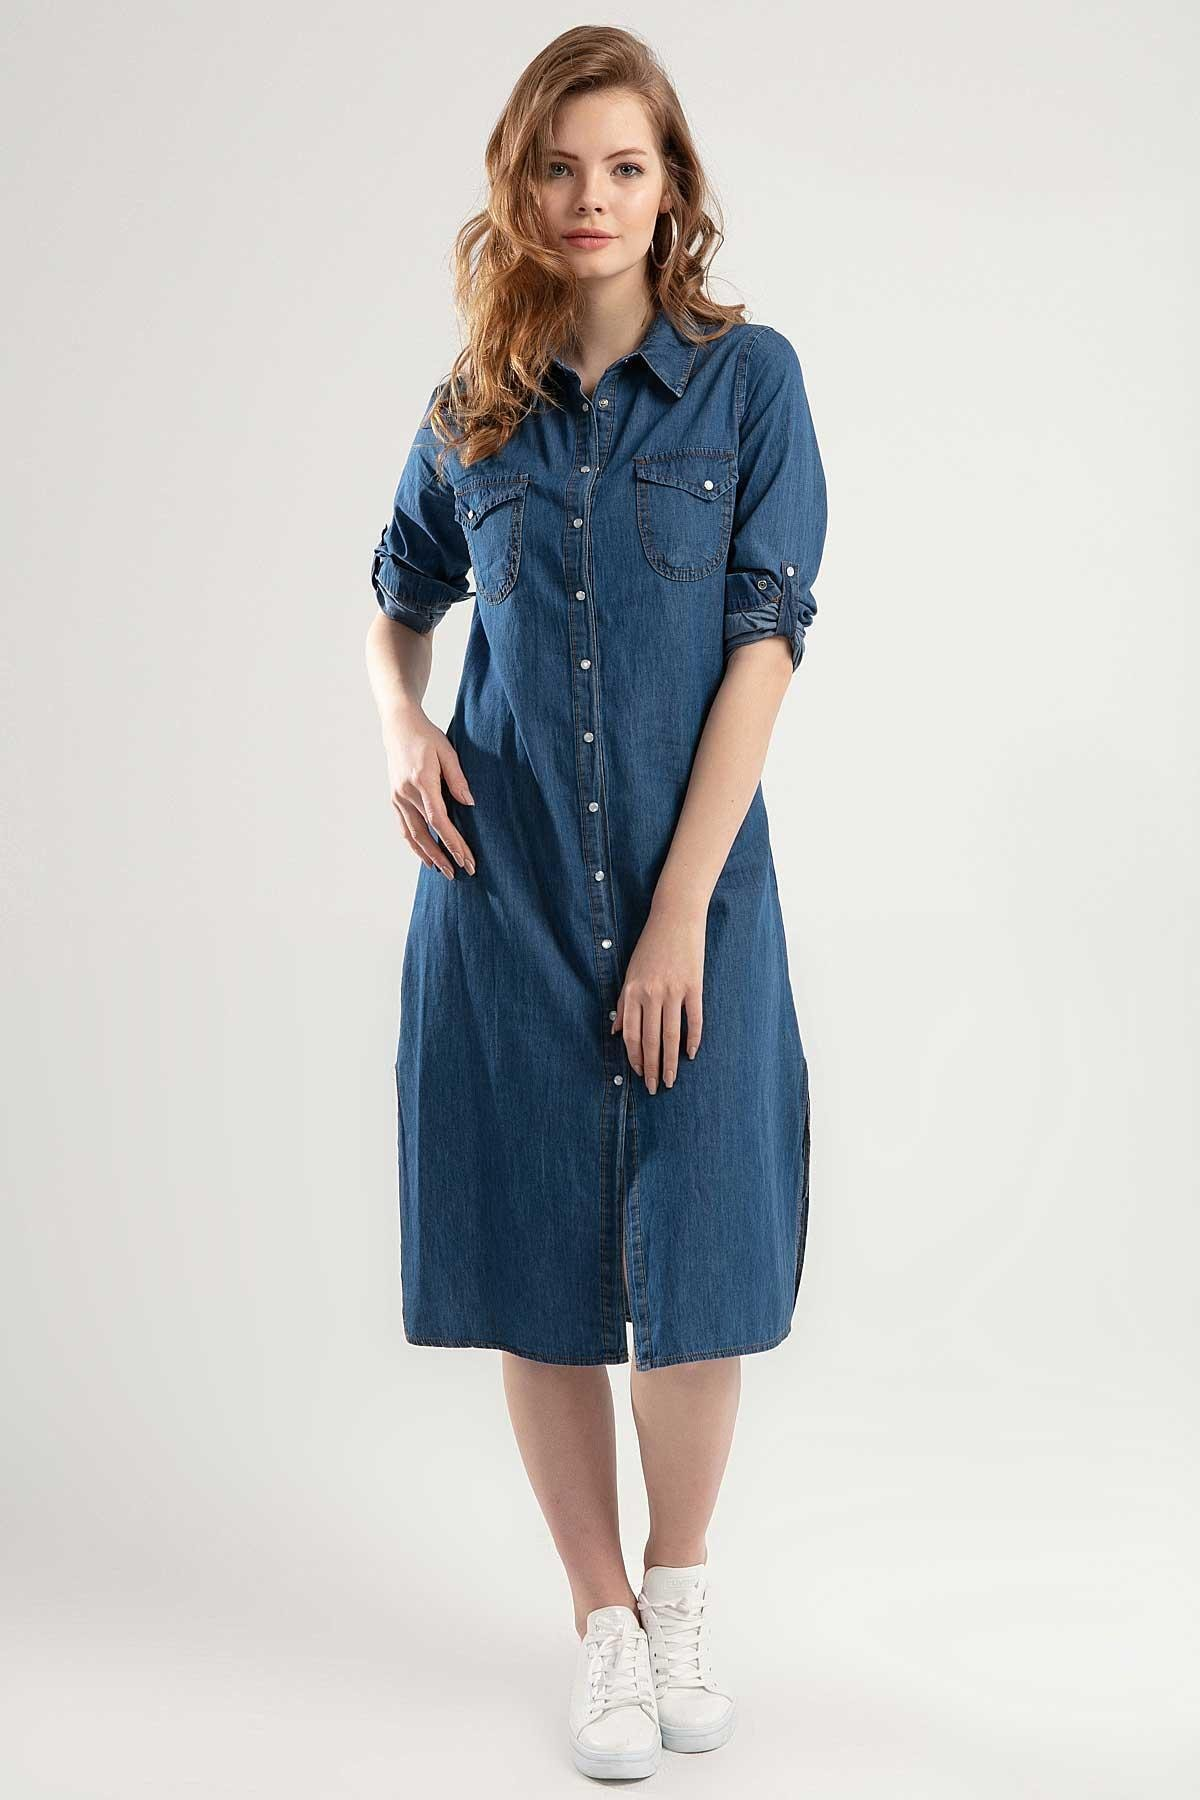 Pattaya Kadın Yırtmaçlı Uzun Kot Elbise Y20s110-5603 1